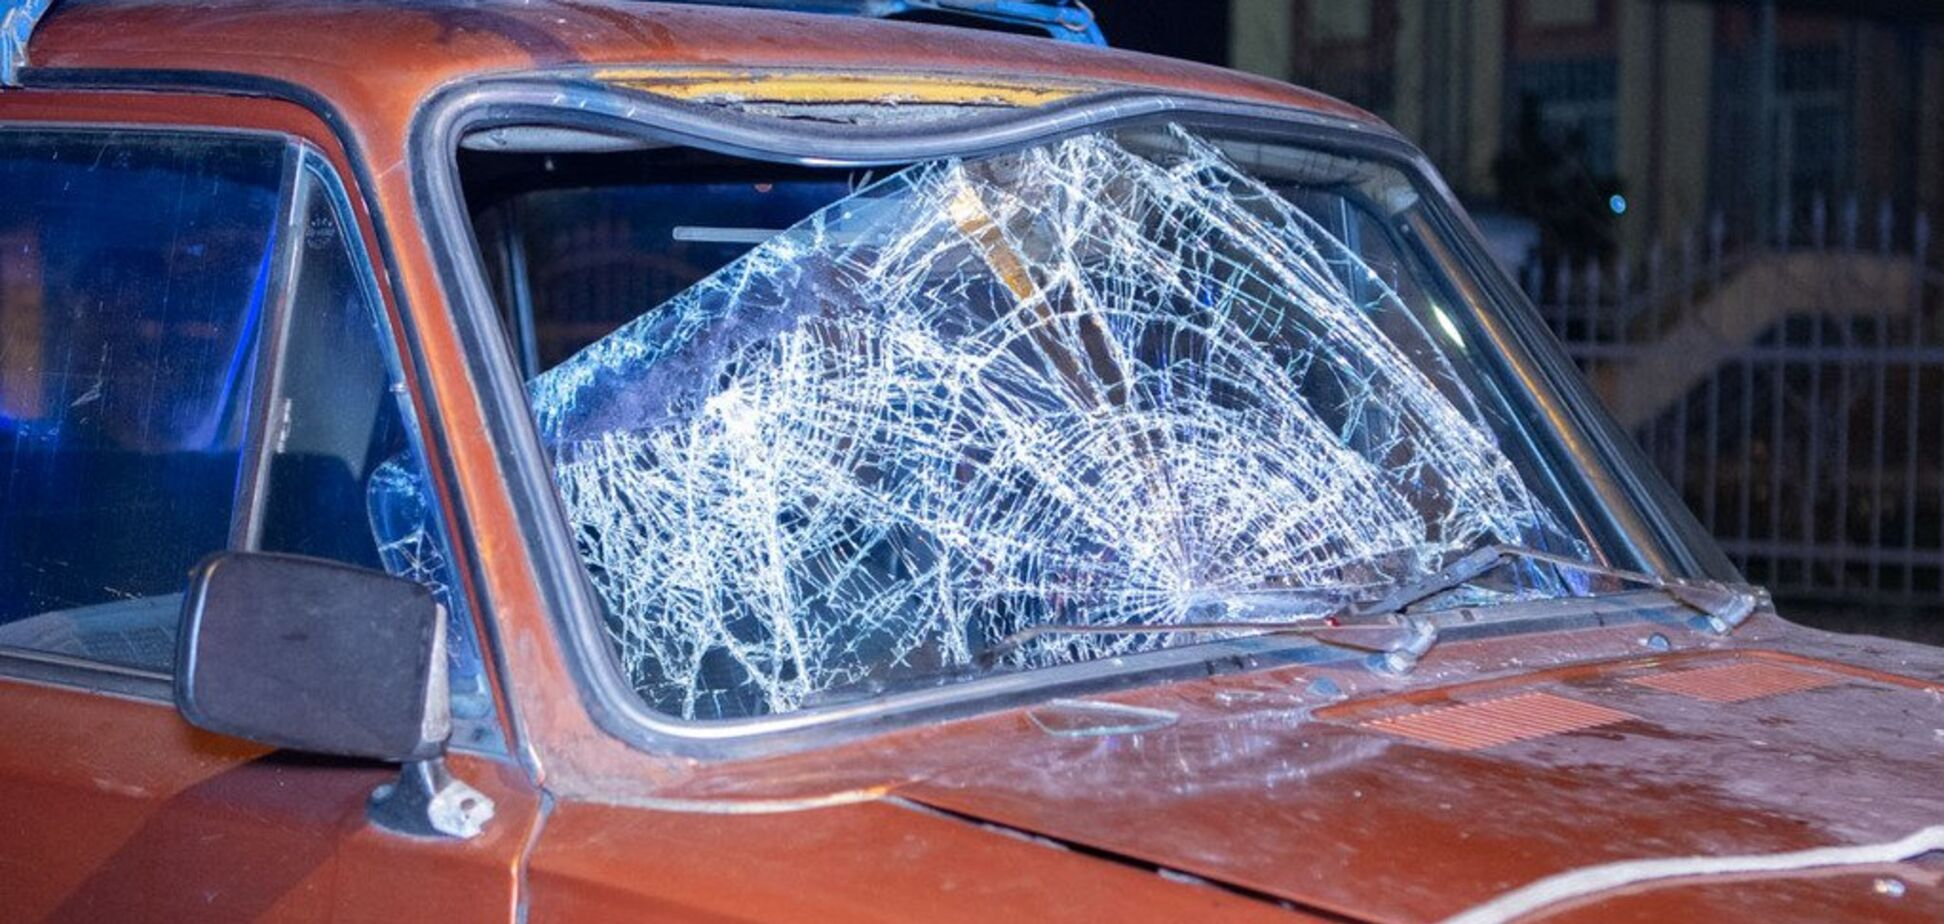 Пробил стекло и залетел в салон: в Днепре пешеход чудом выжил в серьезном ДТП